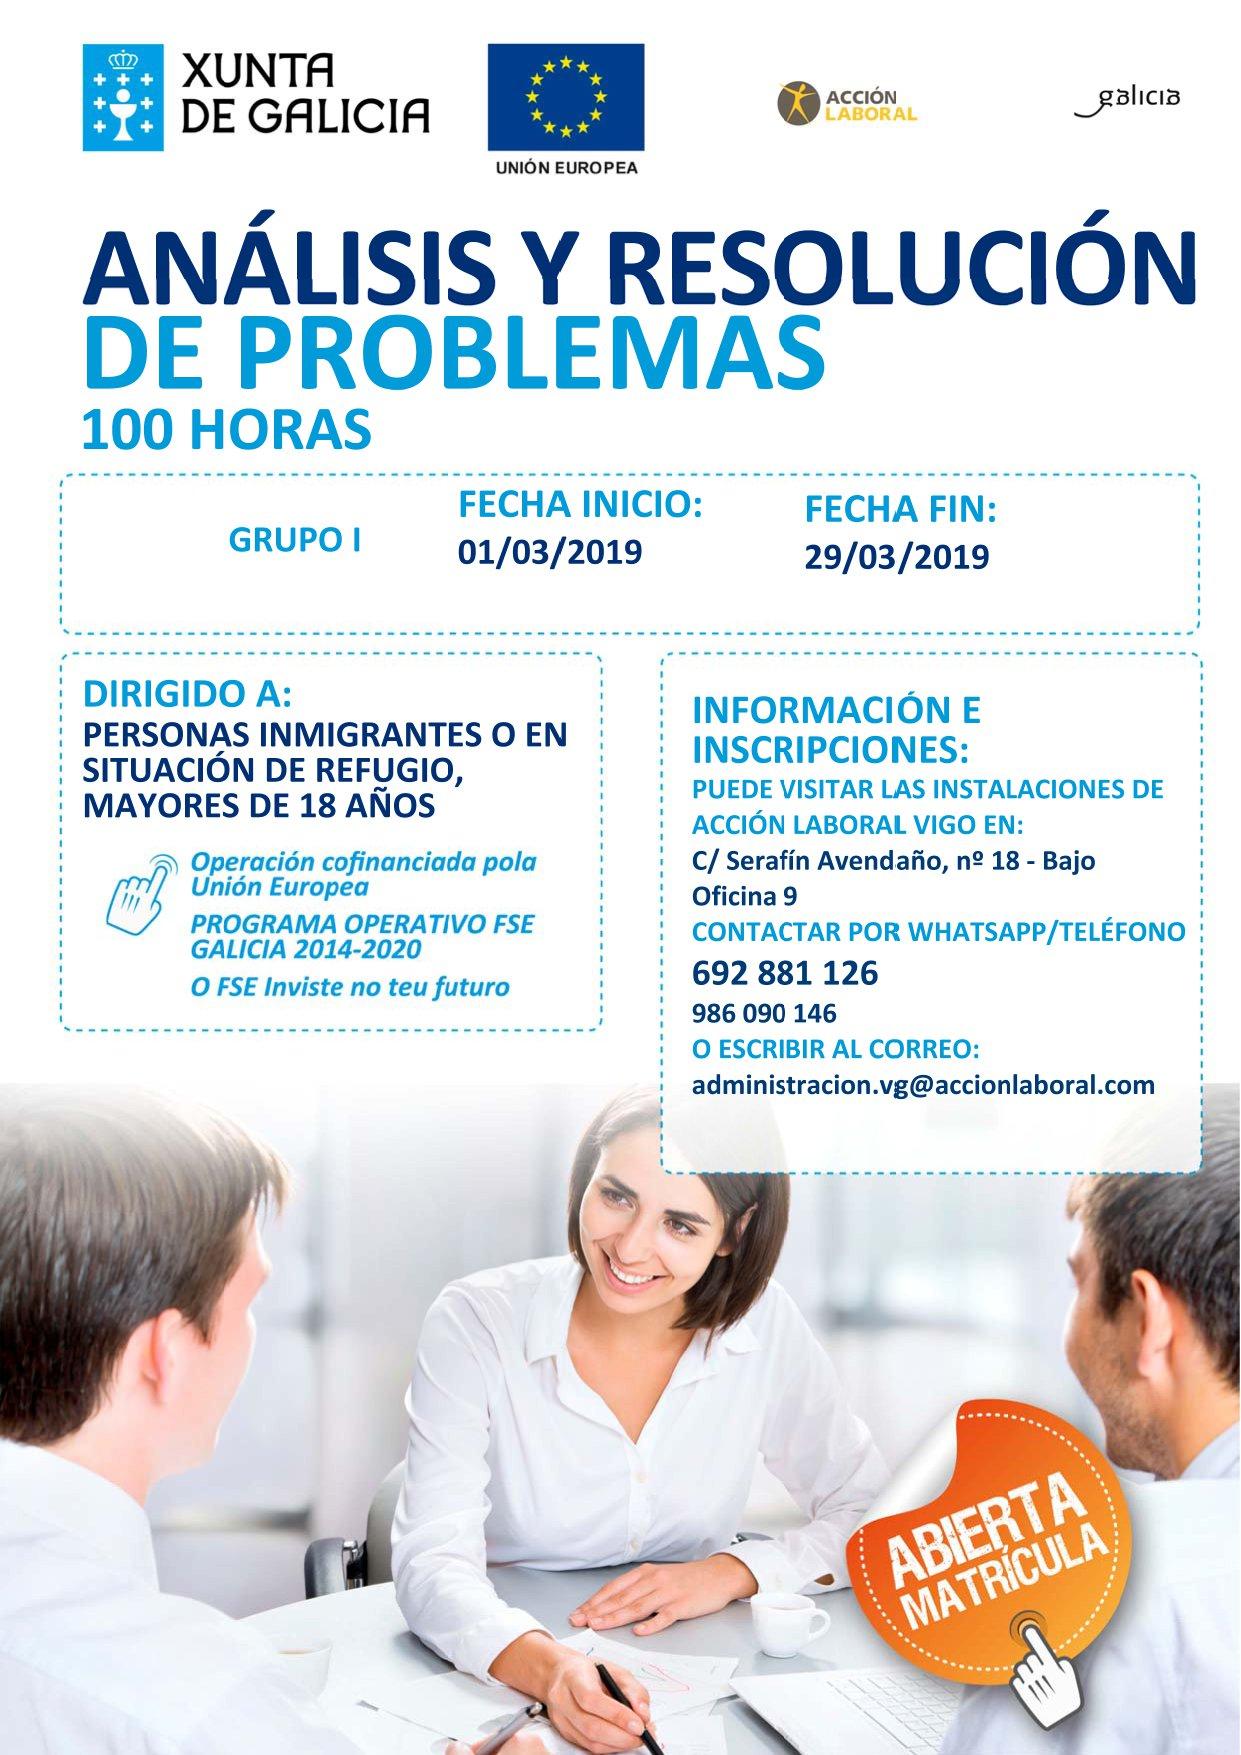 analisis y resolucion de problemas